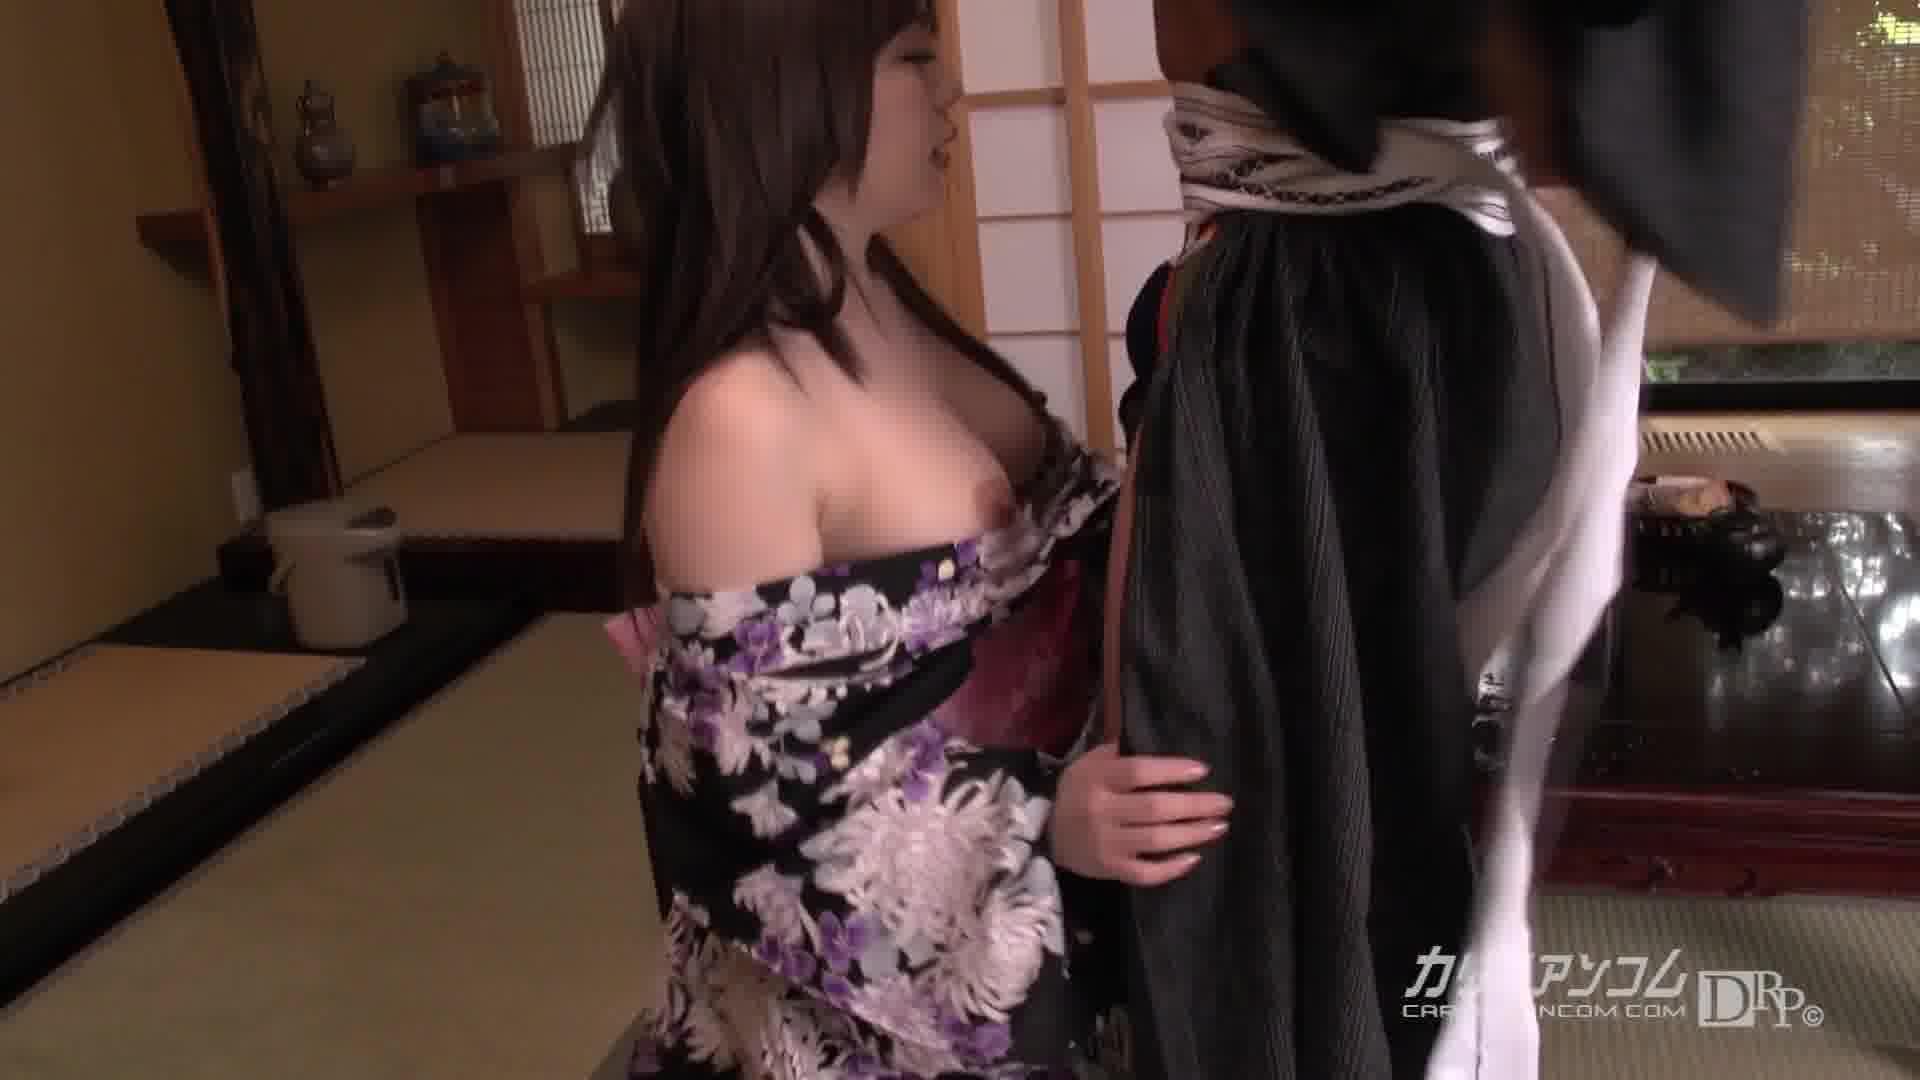 お忍び温泉デート - 櫻木梨乃【巨乳・浴衣・初裏】